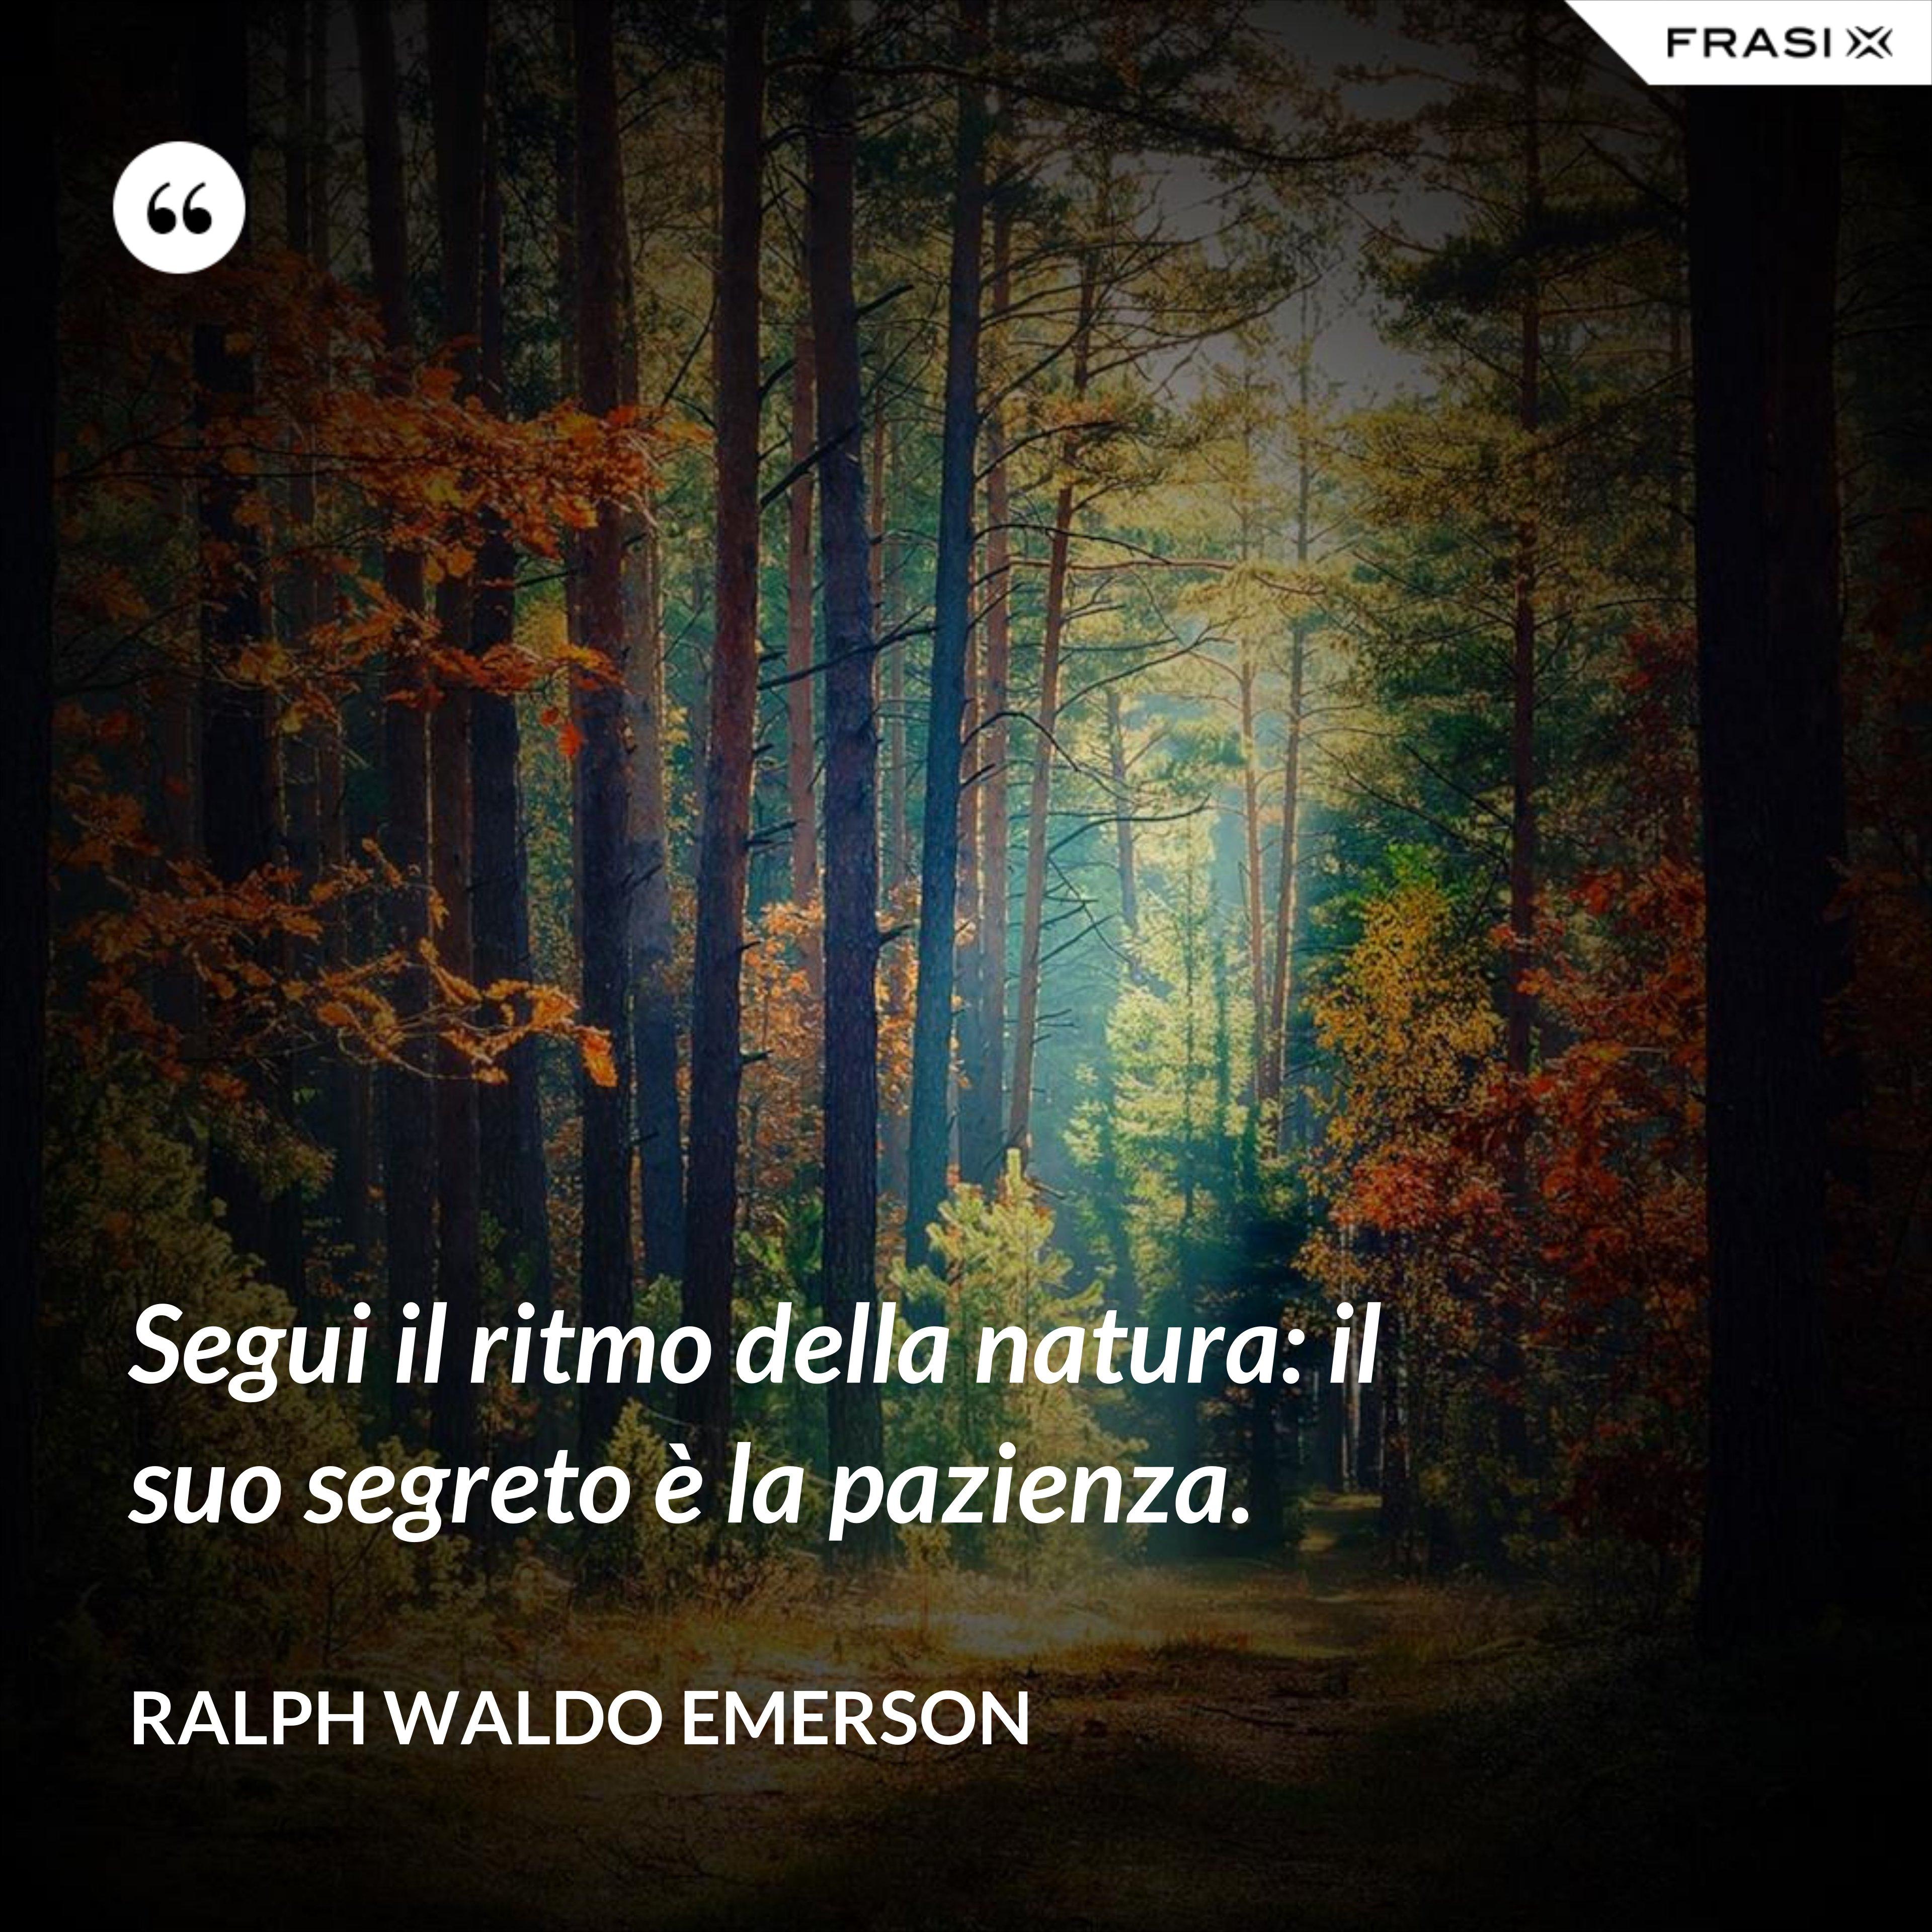 Segui il ritmo della natura: il suo segreto è la pazienza. - Ralph Waldo Emerson